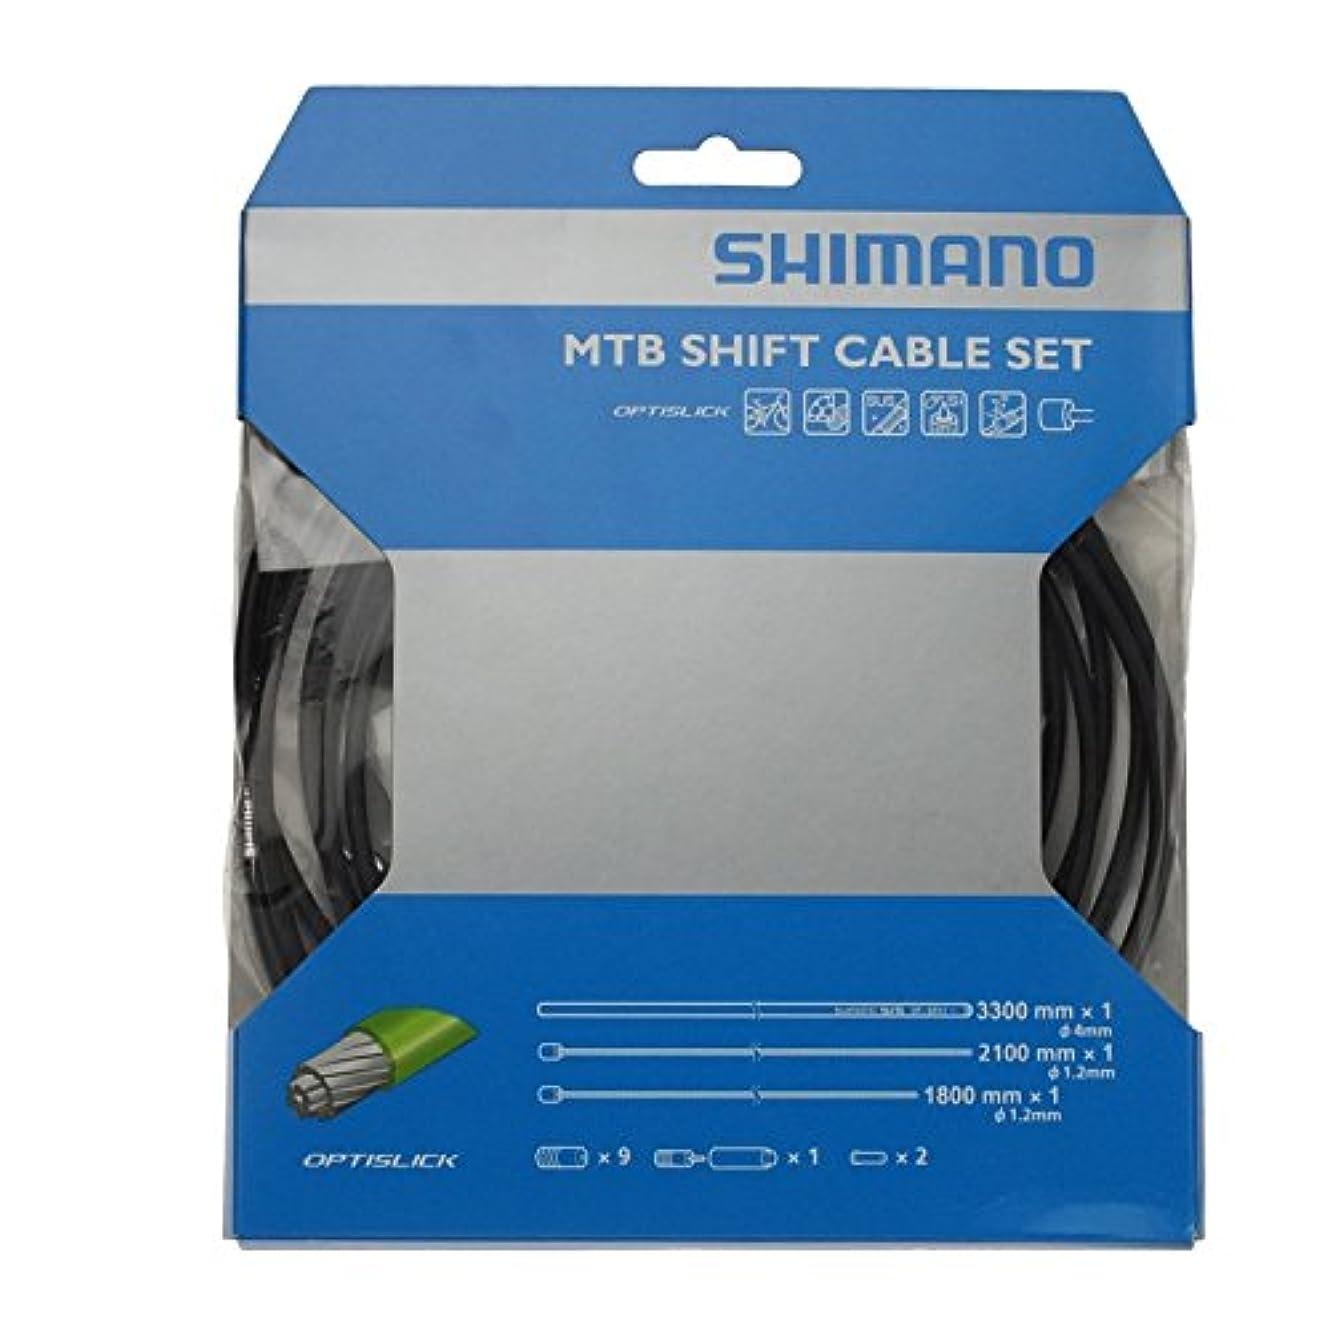 復活させるリラックス批判的シマノ(SHIMANO) MTB用 オプティスリック シフトケーブルセット ブラック Y60198090